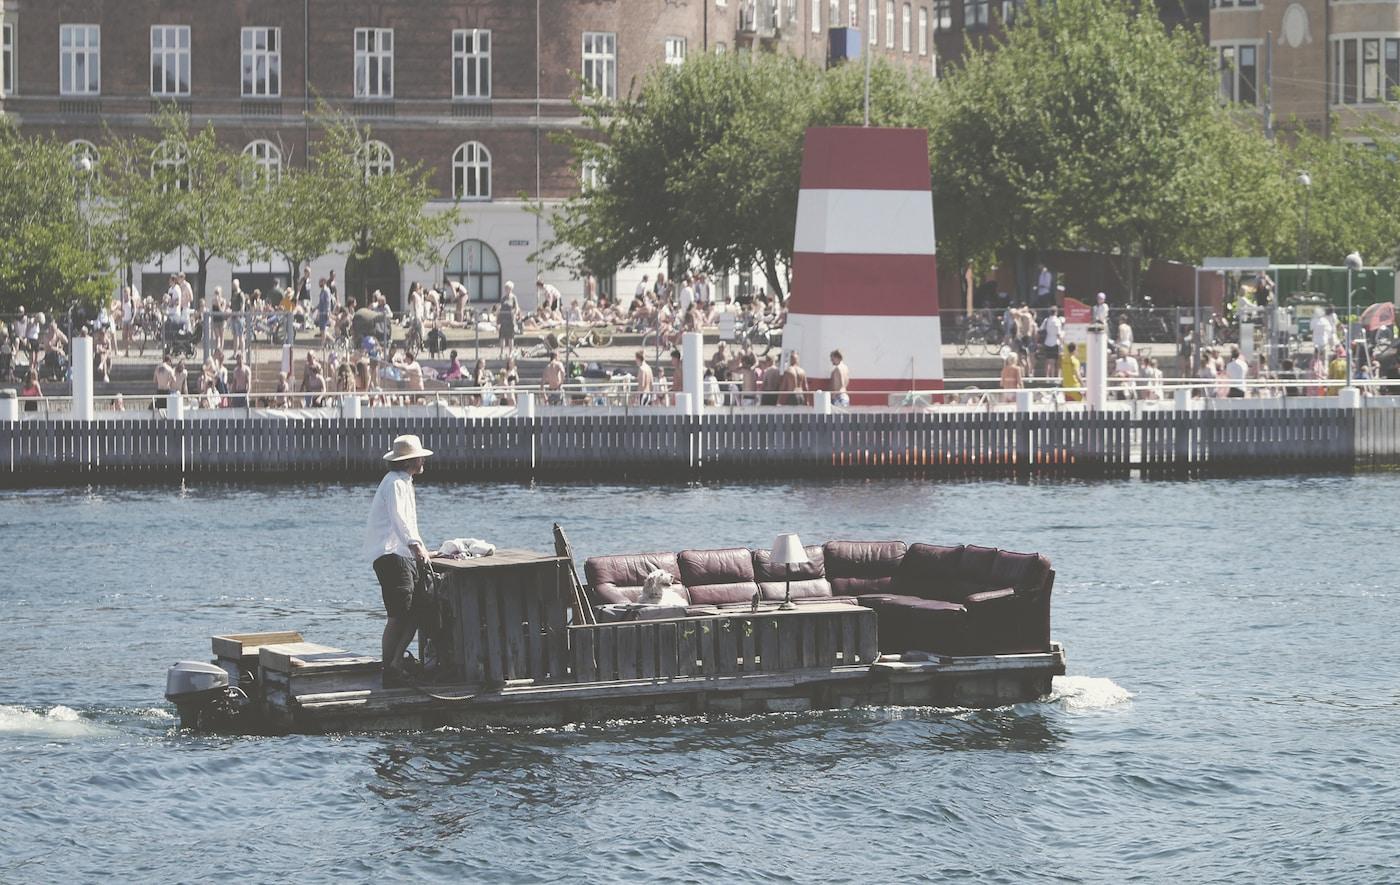 Un homme pilote un radeau occupé par un grand canapé, avec à l'arrière-plan de nombreuses personnes et des arbres sur la rive.